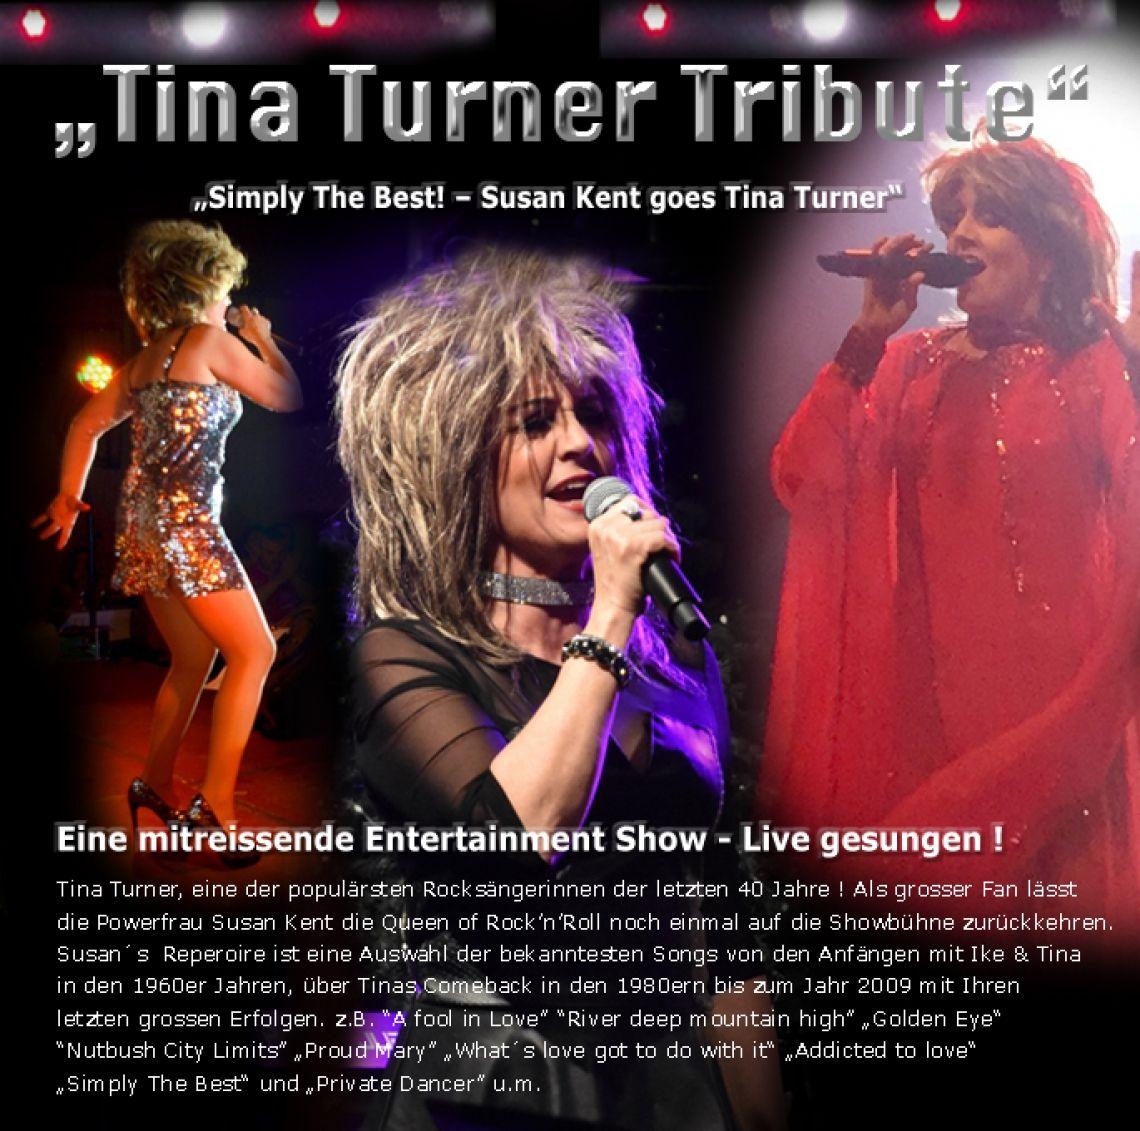 """""""Simply The Best! – Susan Kent goes Tina Turner"""" Tina Turner, eine der populärsten Rocksängerinnen der letzten 40 Jahre !  Als grosser Fan lässt die Powerfrau Susan Kent die Queen of Rock'n'Roll noch einmal auf die Showbühne zurückkehren.  Susan´s  Repertoire ist eine Auswahl der bekanntesten Songs von den Anfängen mit Ike & Tina in den 1960er Jahren, über Tinas Comeback in den 1980ern bis zum Jahr 2009 mit Ihren letzten grossen Erfolgen. z.B. """"A fool in Love"""" """"River deep mountain high"""" """"Golden Eye"""" """"Nutbush City Limits"""" """"Proud Mary"""" """"What´s love got to do with it"""" """"Addicted to love"""" """"Simply The Best"""" und """"Private Dancer"""" u.m."""